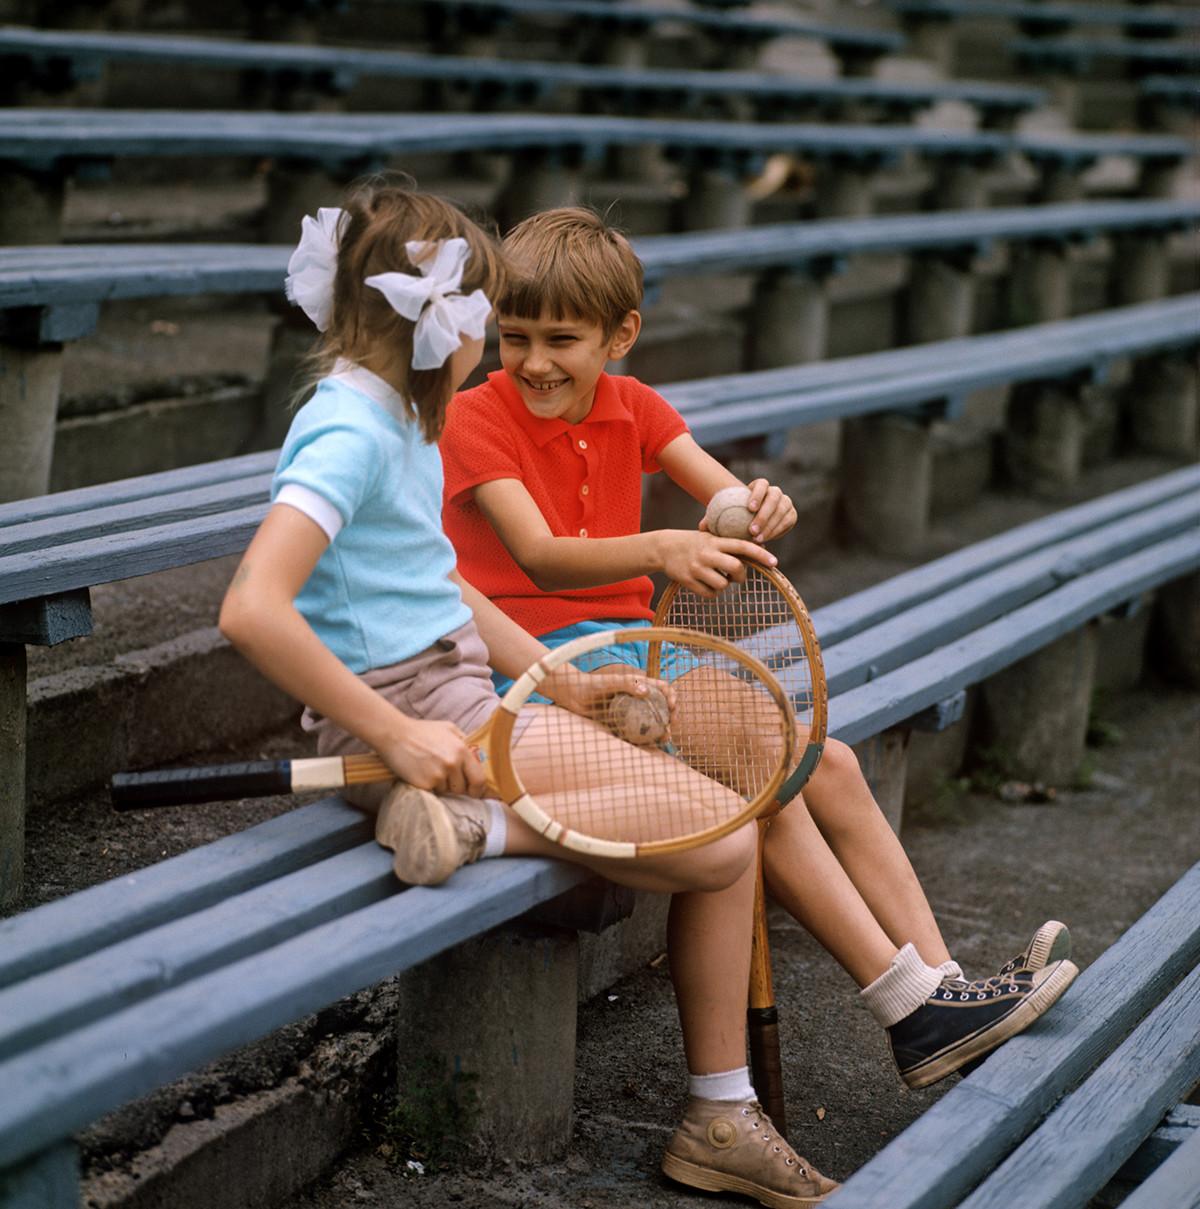 Lezioni alla scuola di tennis per bambini del Palazzo dello Sport Lokomotiv, Repubblica Socialista Sovietica Ucraina